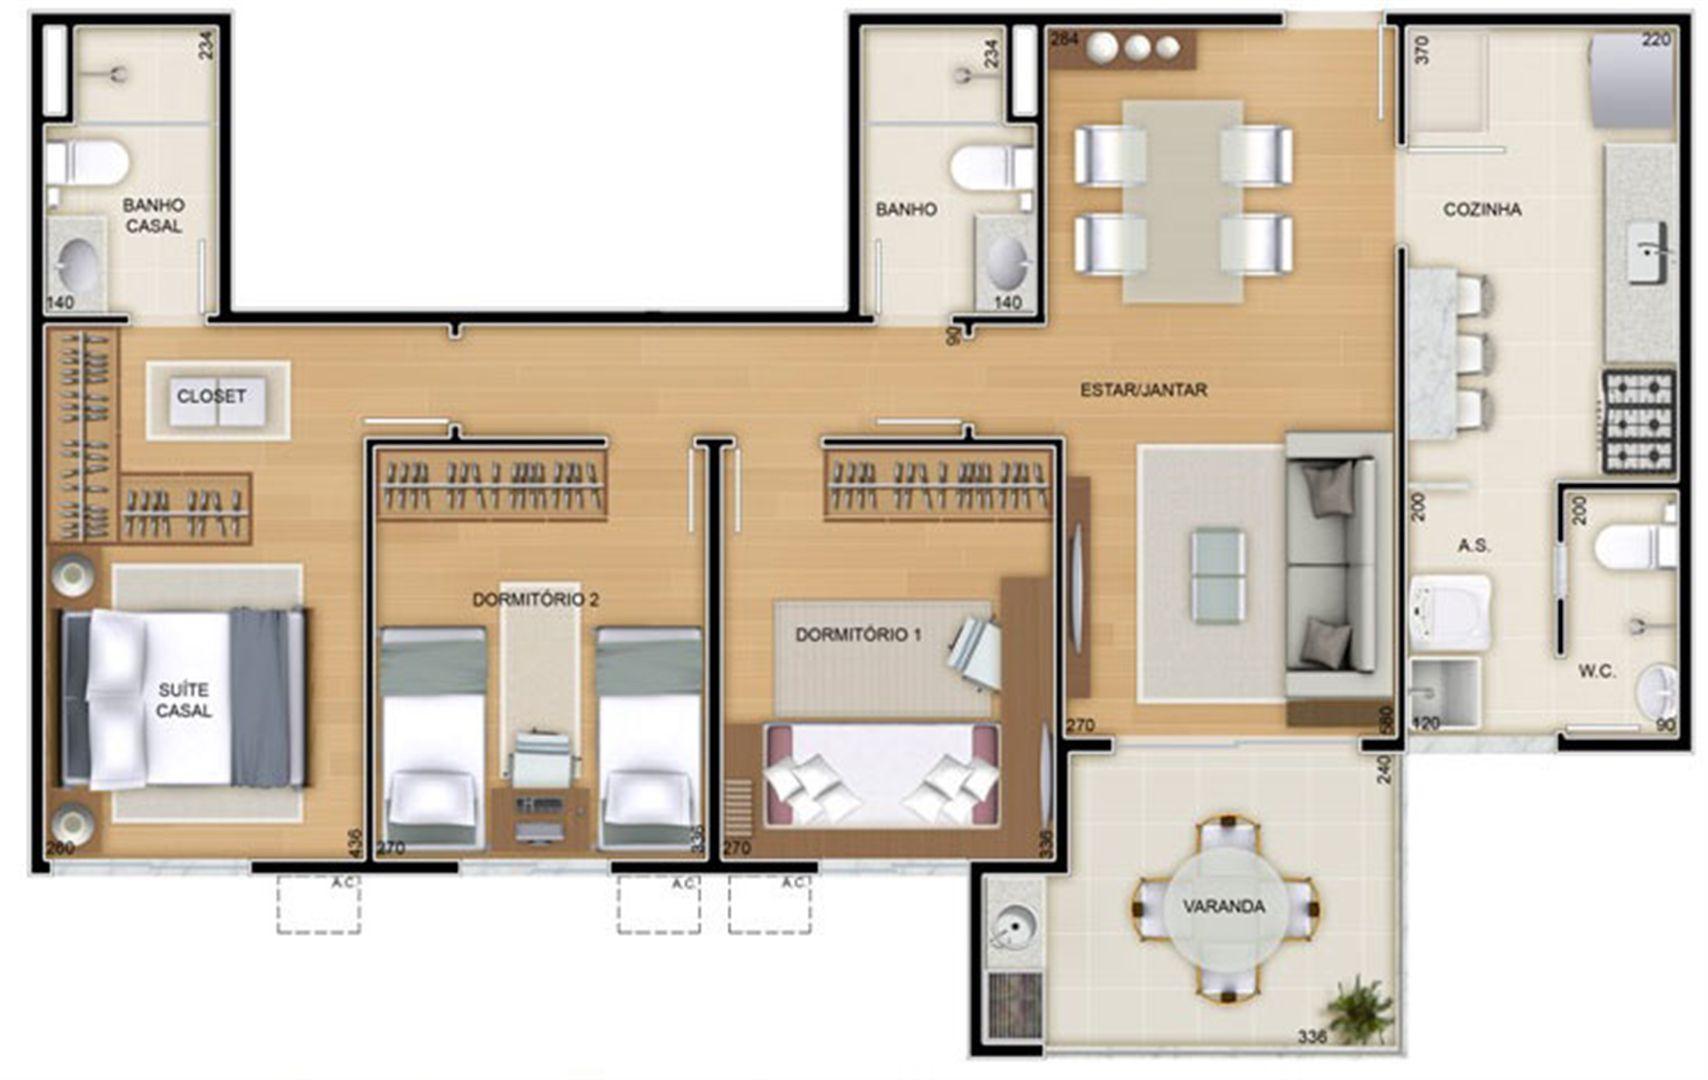 Torres 2 e 3 - 3 Quartos - 85 m² - Planta opção - Cozinha Americana | Reserva Verde Residencial Park – Apartamento em  Laranjeiras - Serra - Espírito Santo